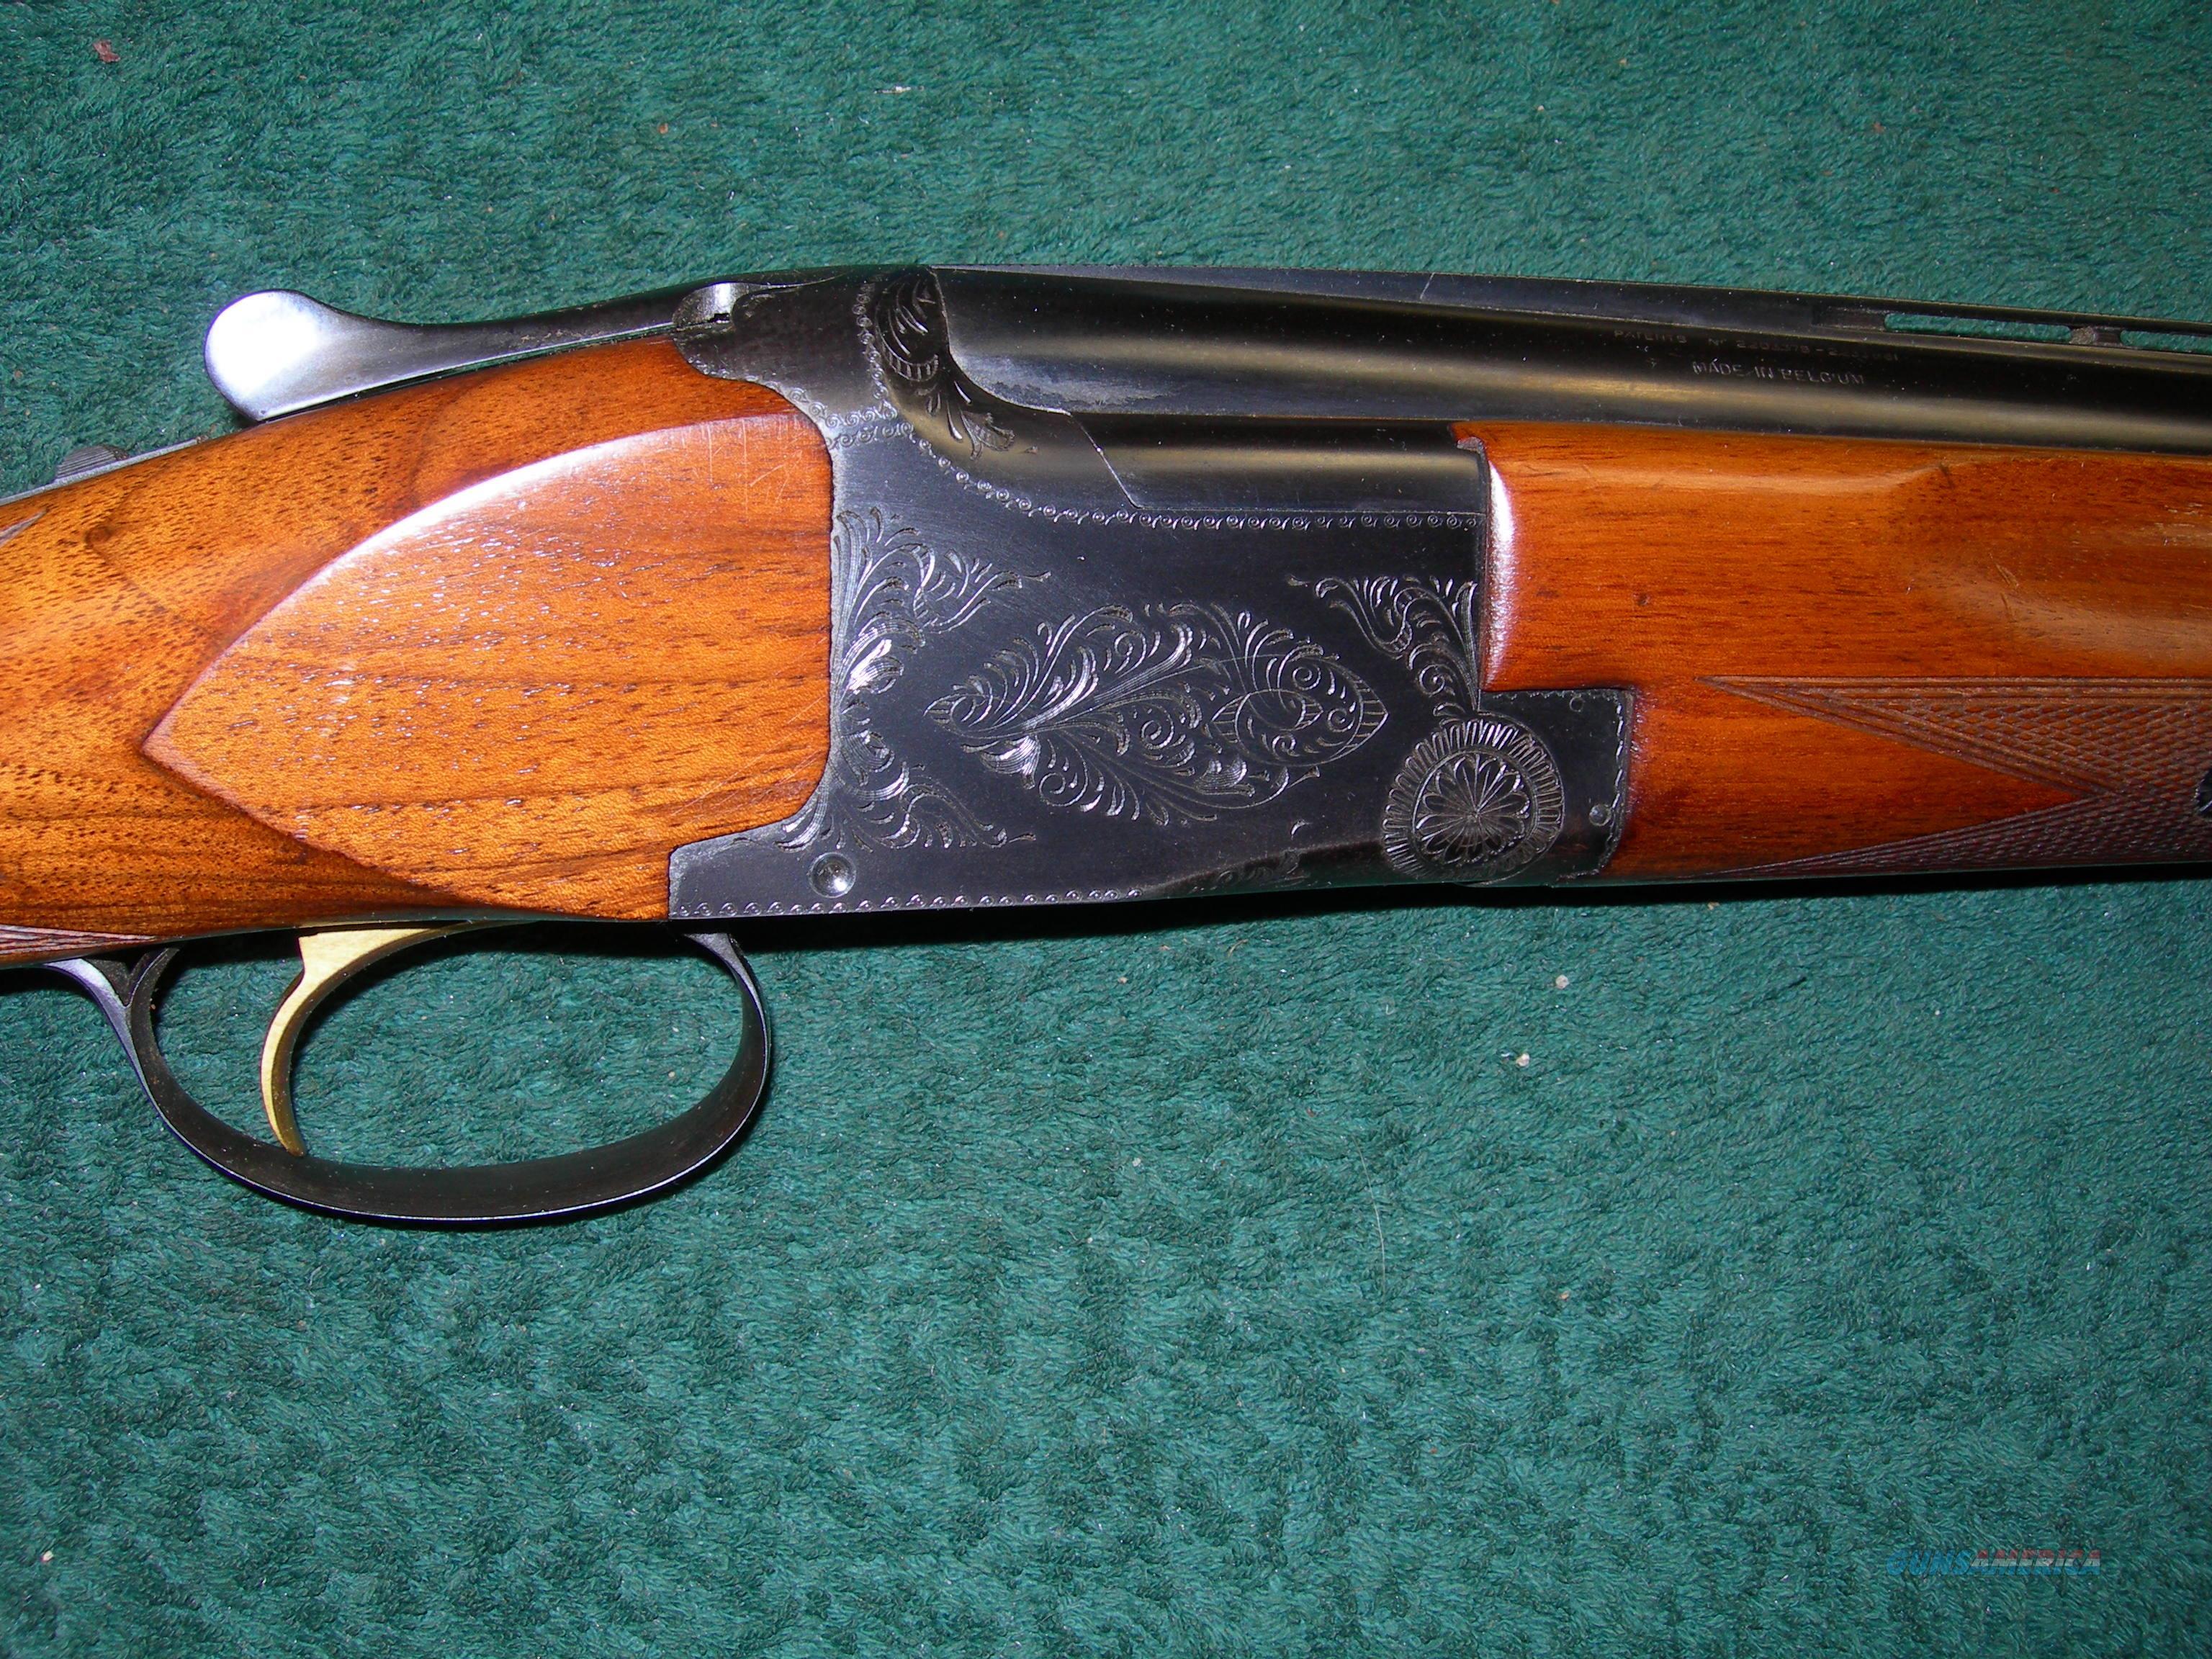 #1016: Browning Belgium Superpose, 12ga 1955 Gun, Primo,  Guns > Shotguns > Browning Shotguns > Over Unders > Belgian Manufacture